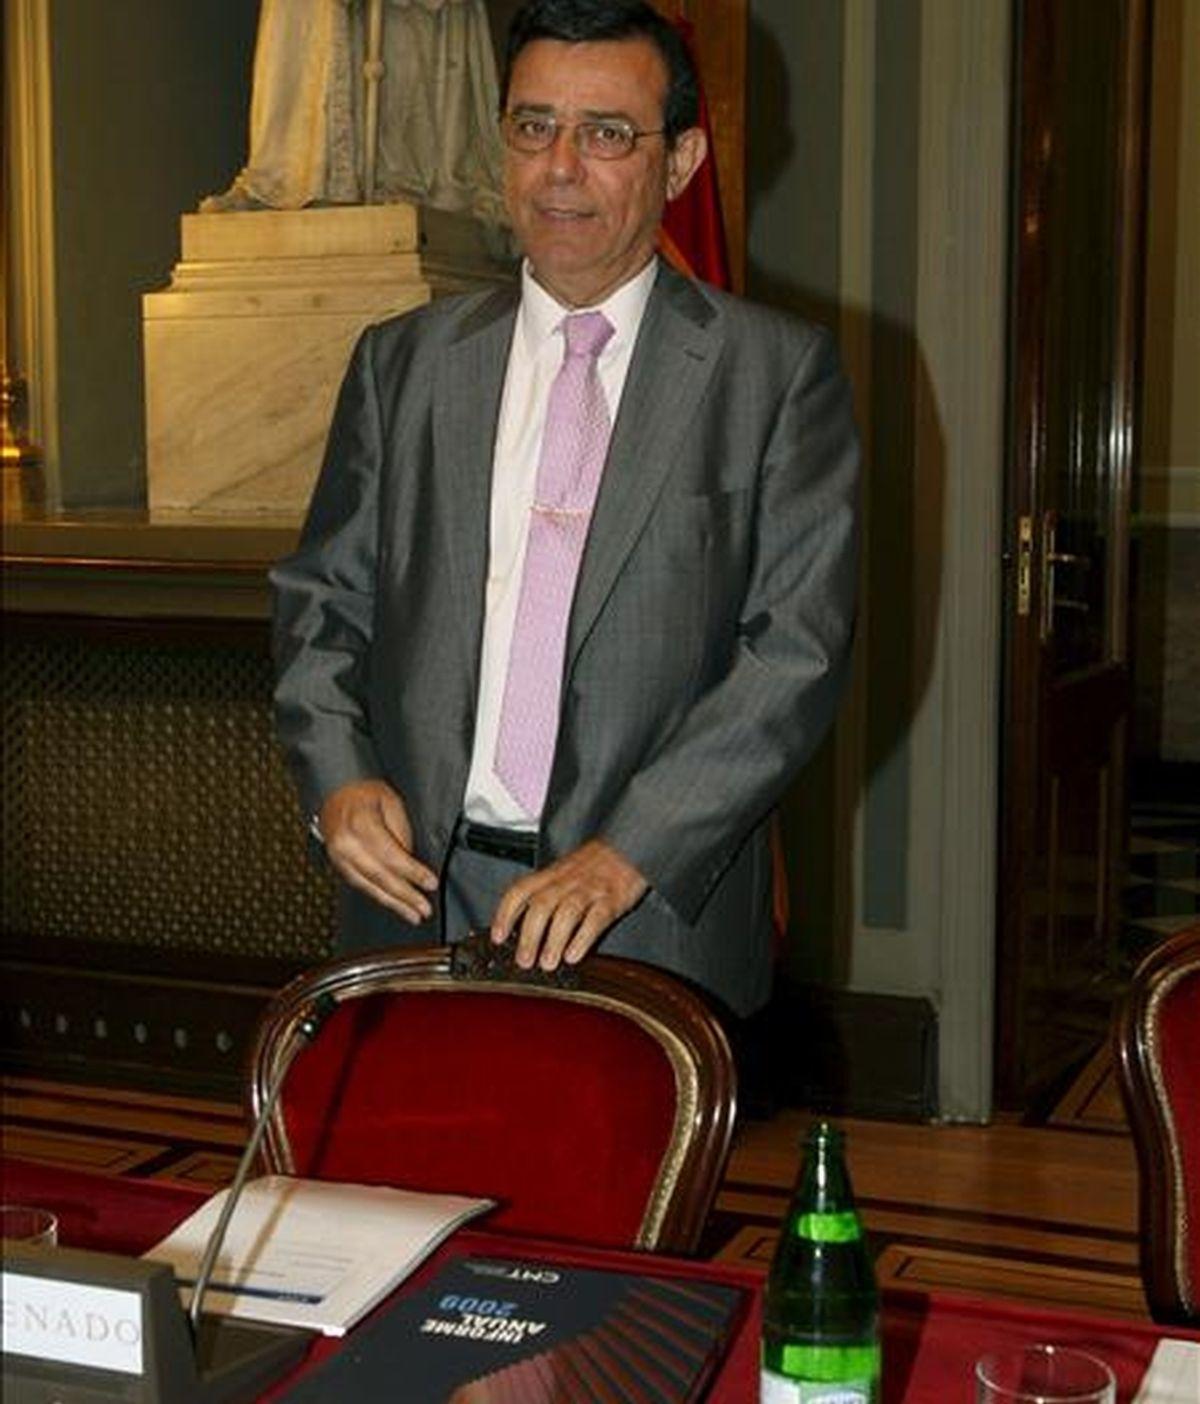 El presidente de la Comisión del Mercado de las Telecomunicaciones, Reinaldo Rodríguez, antes de presentar hoy en el Senado el informe anual del sector de telecomunicaciones realizado por este organismo regulador. EFE